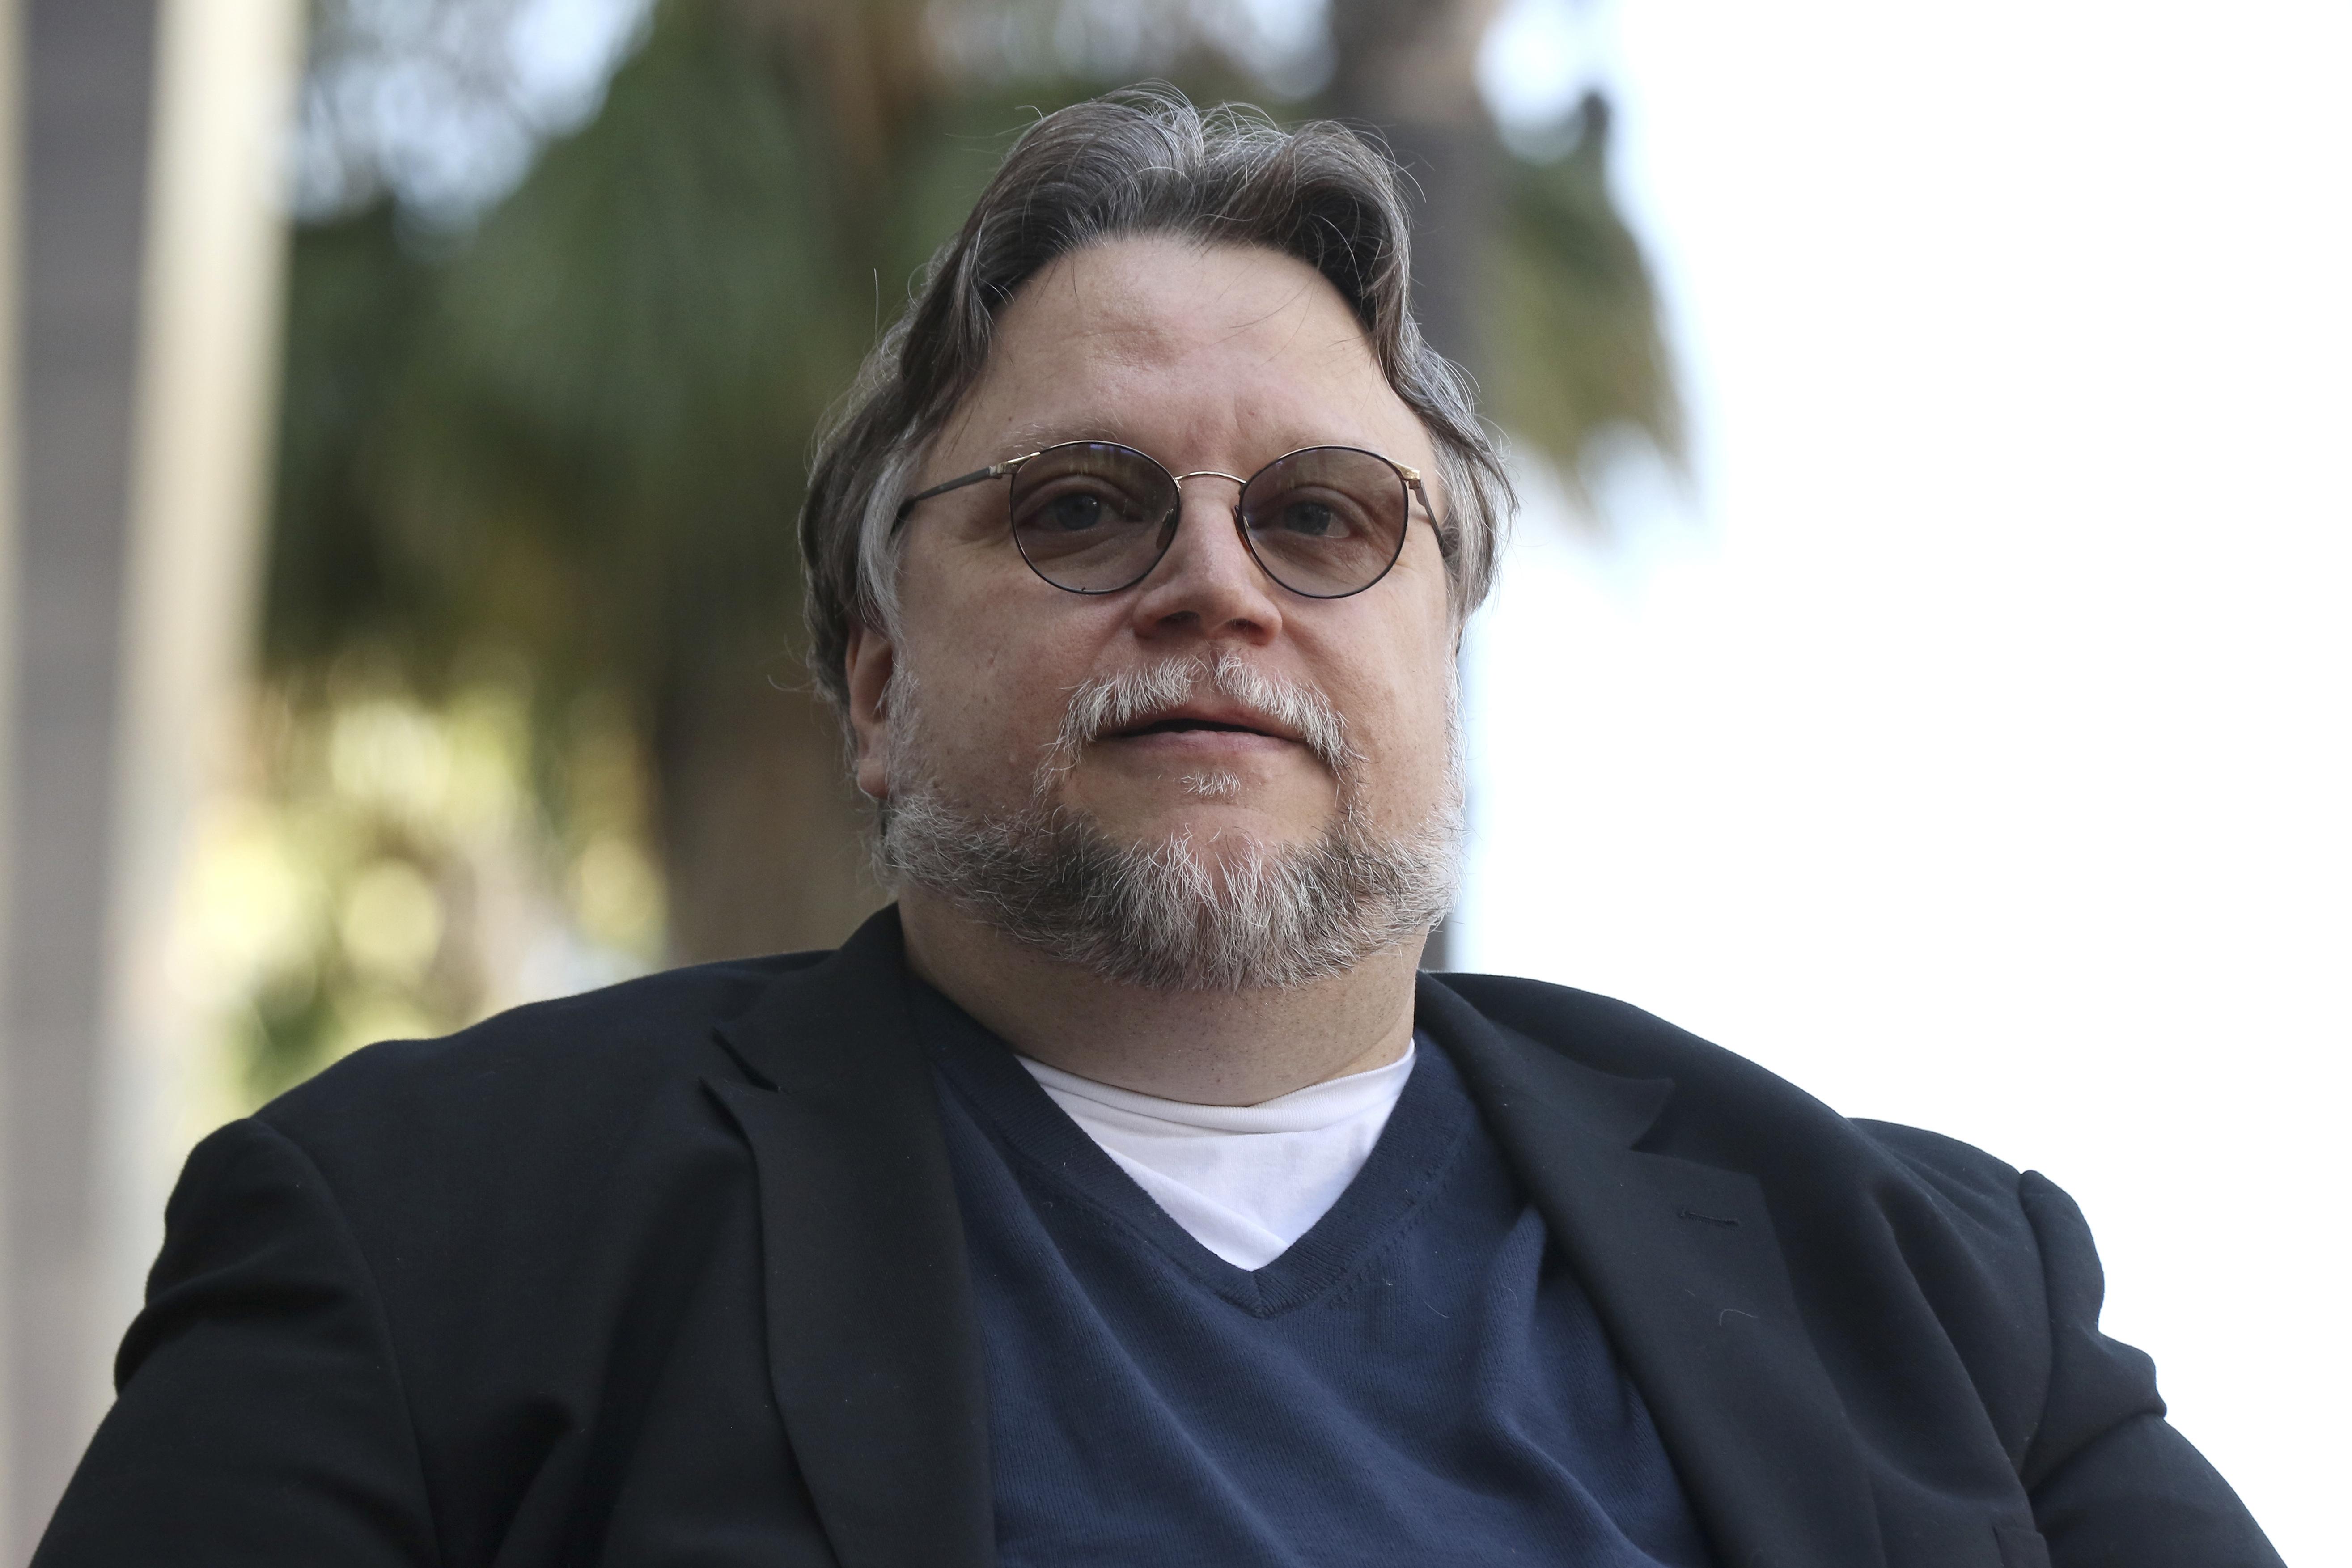 Guillermo del Toro durante la ceremonia para develar su estrella en el Paseo de la Fama de Hollywood el 6 de agosto de 2019 en Los Angeles. (Foto Willy Sanjuan/Invision/AP)